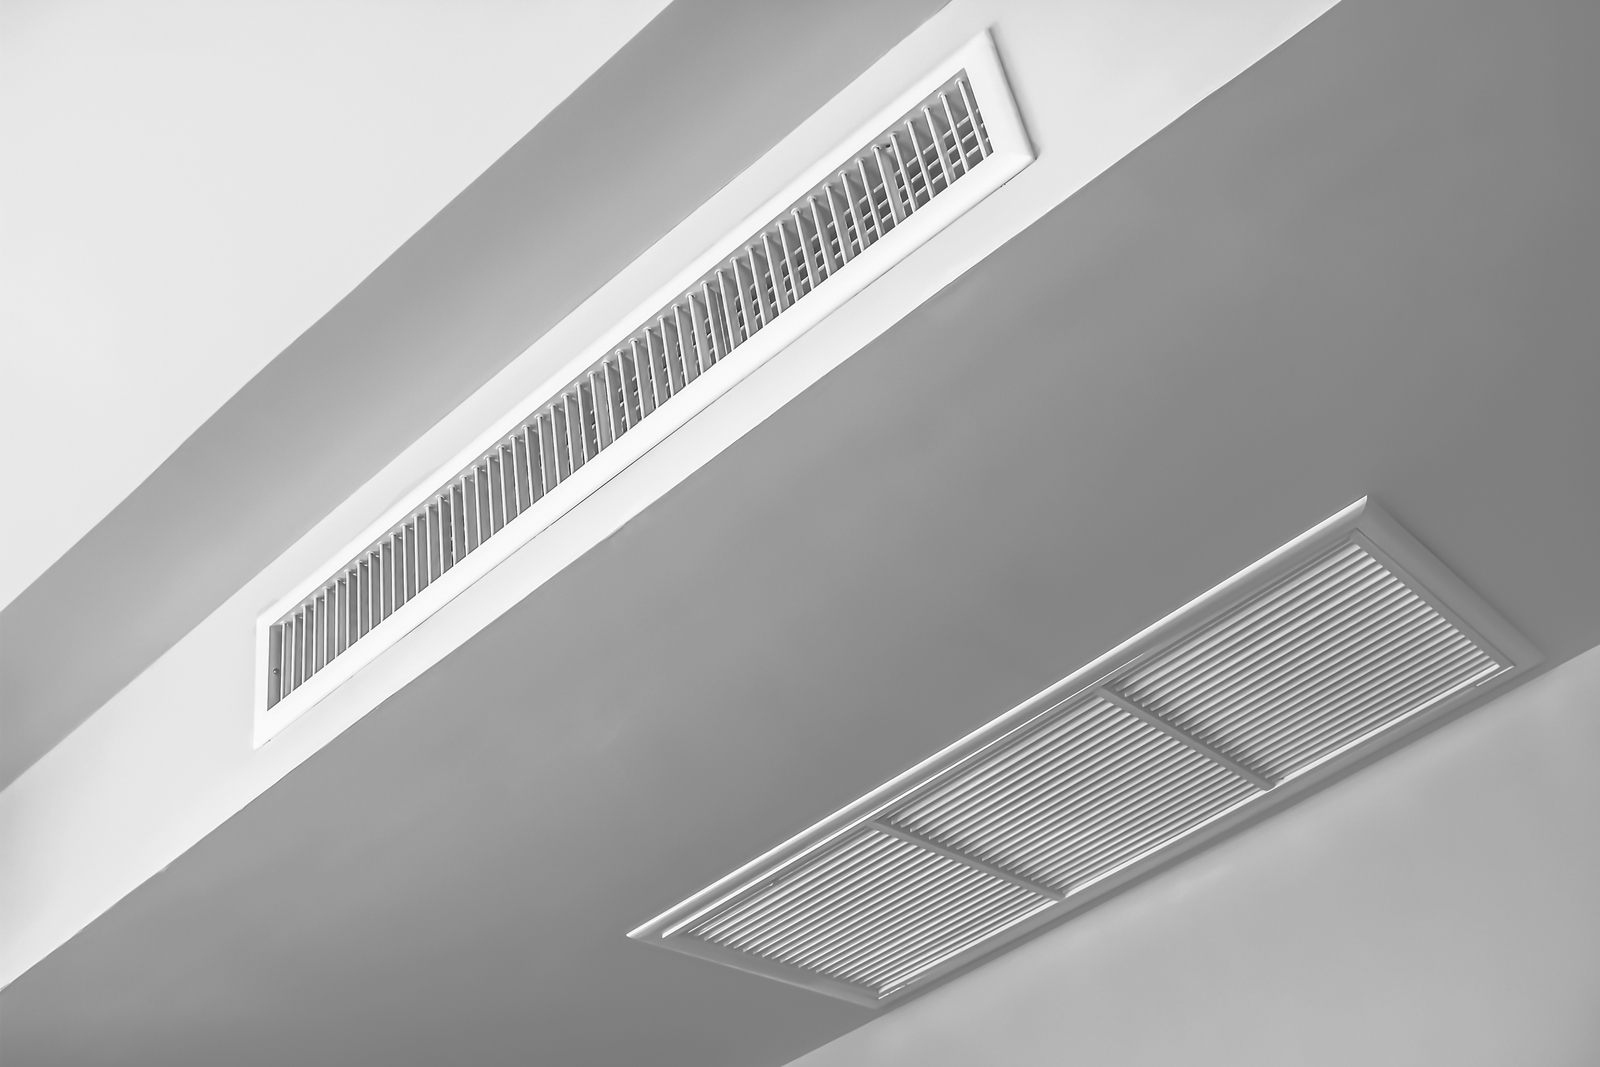 Condizionatori Canalizzati al soffitto